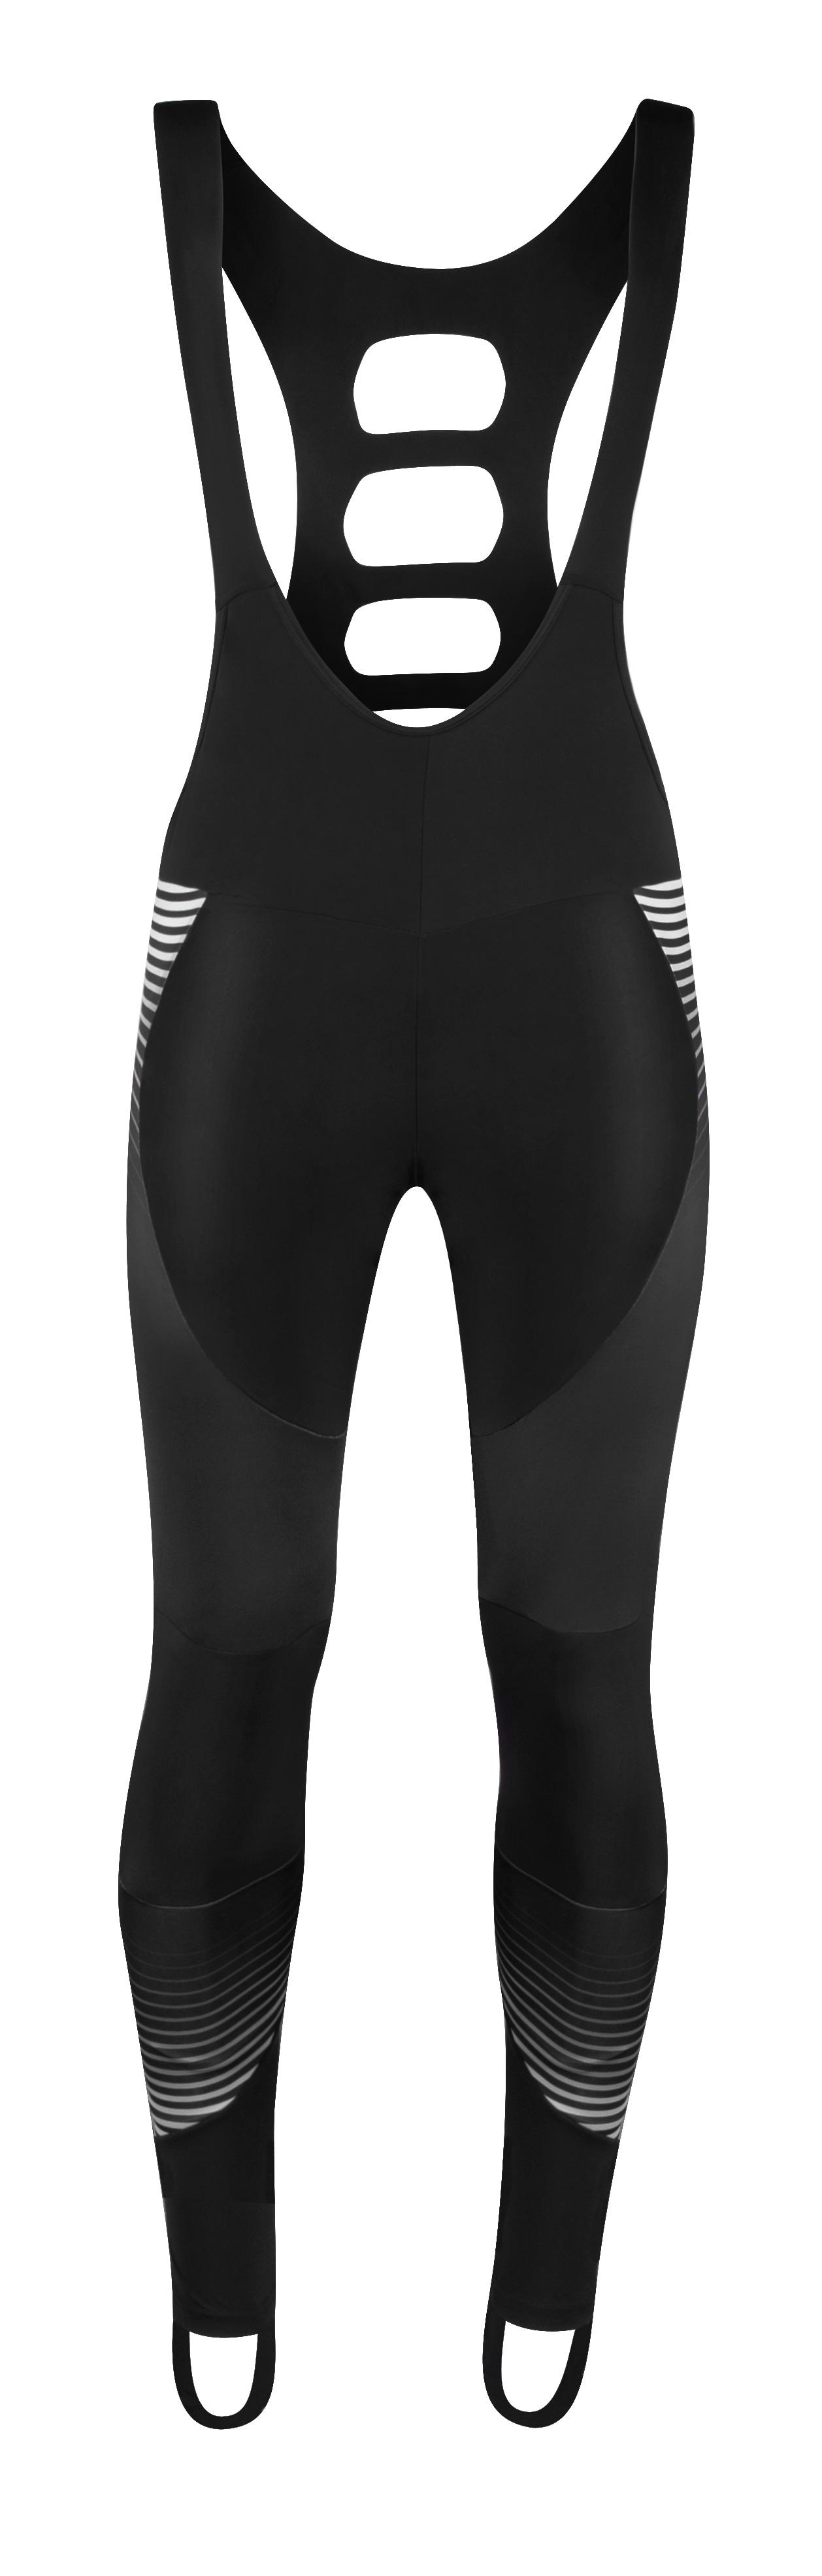 kalhoty F DRIFT WIND se šráky bez vložky,černé S